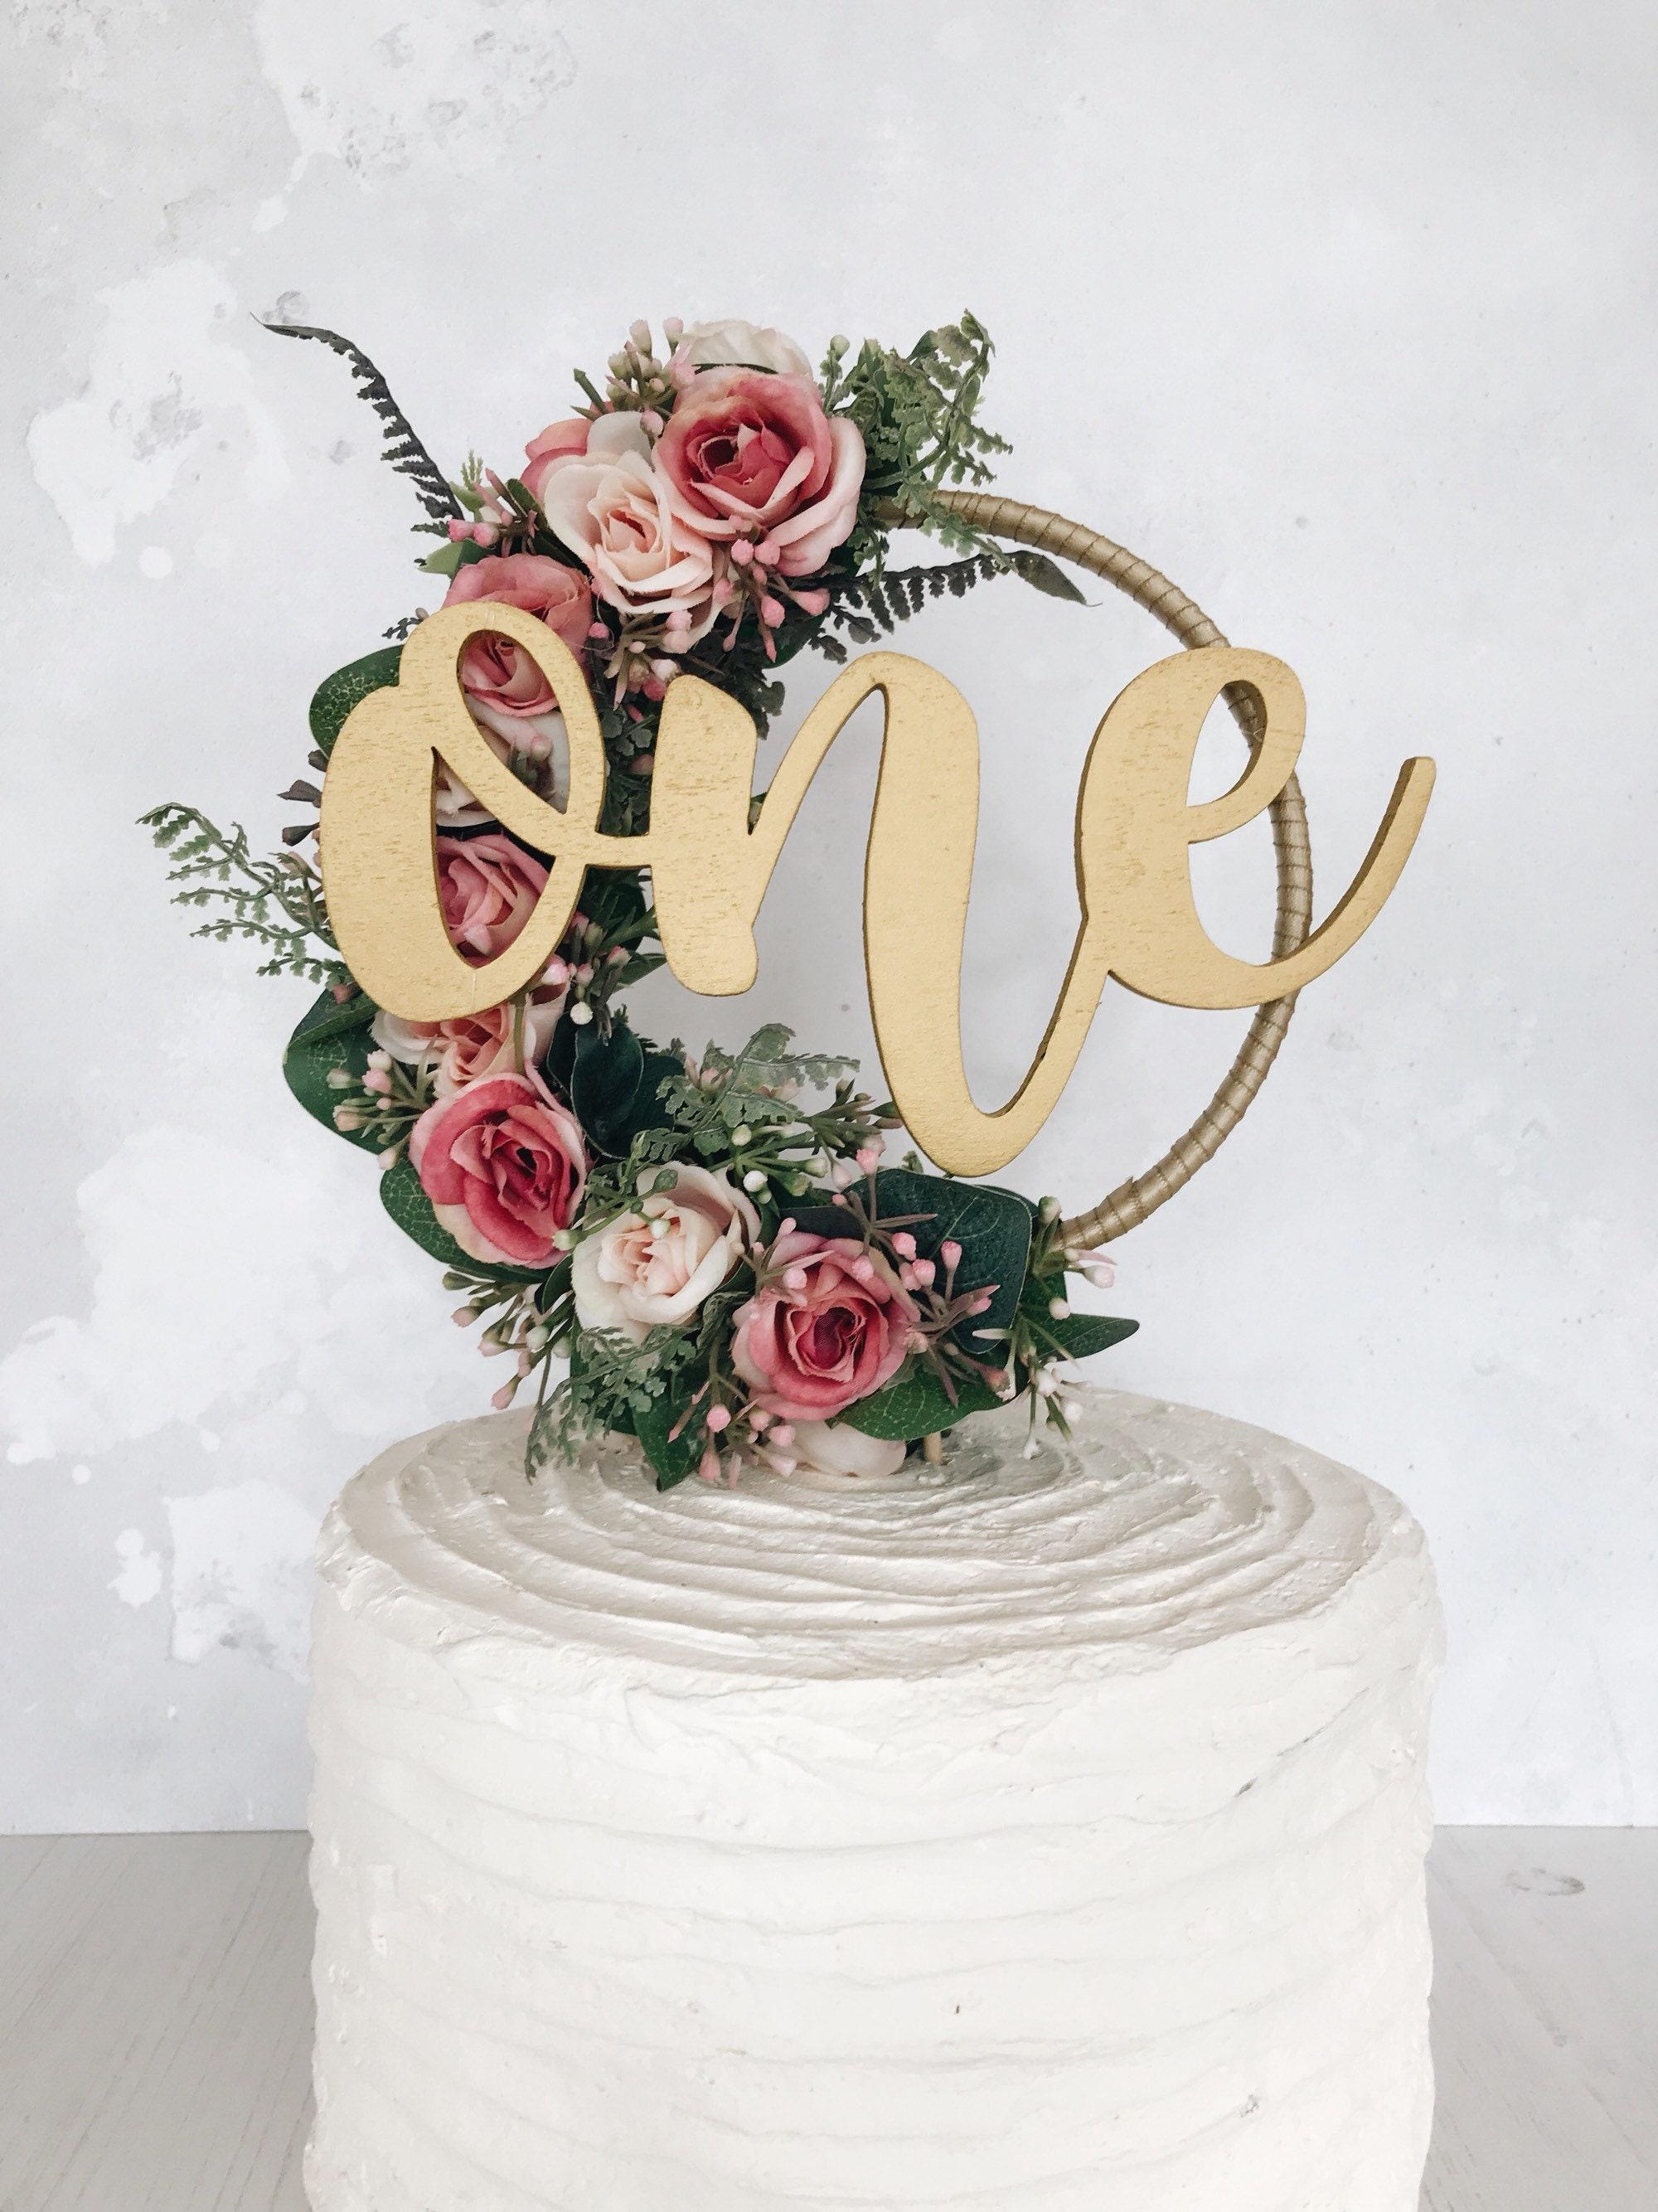 boho floral hoop cake topper wedding cake topper floral | Etsy